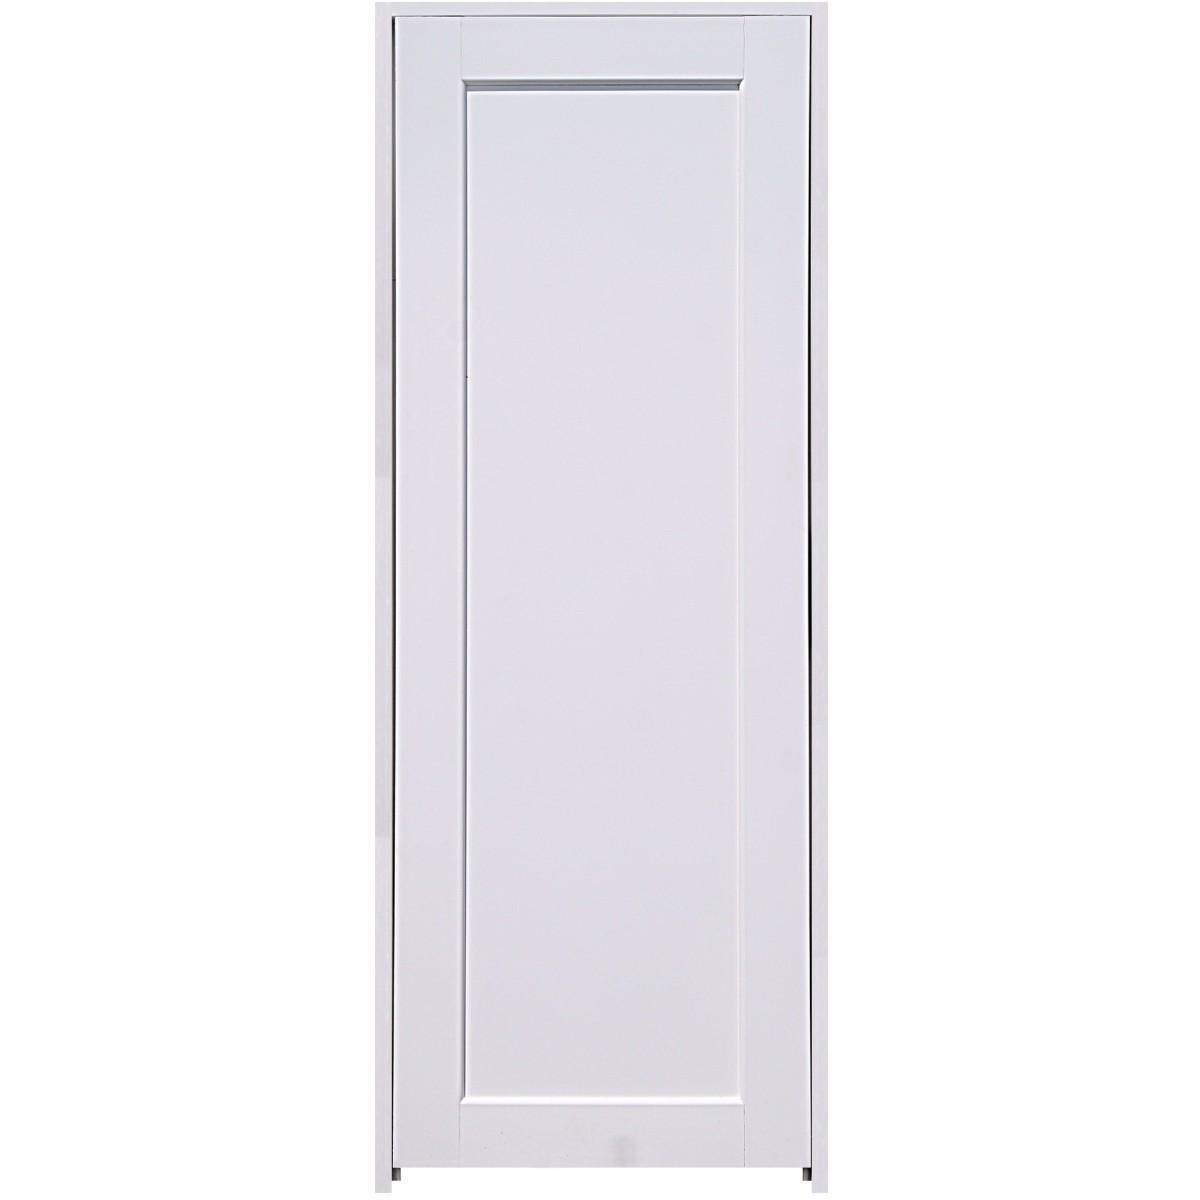 Блок дверной Аквапласт 80x200 см ПВХ с фурнитурой